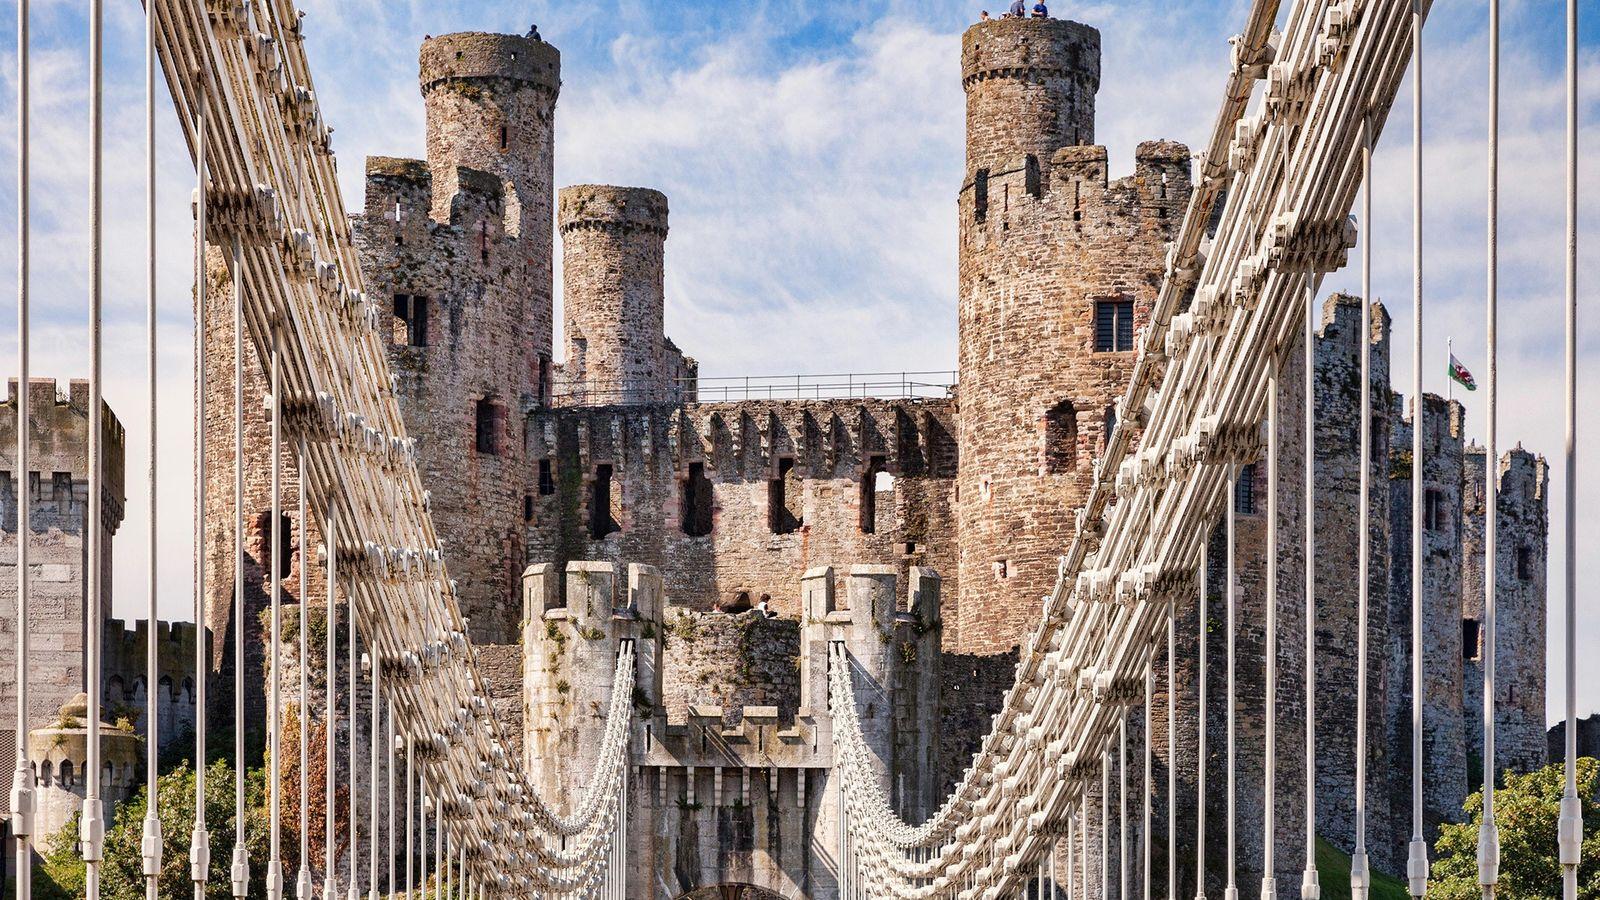 Le pont suspendu de Thomas Telford (1826) est l'un des premiers au monde et mène à ...